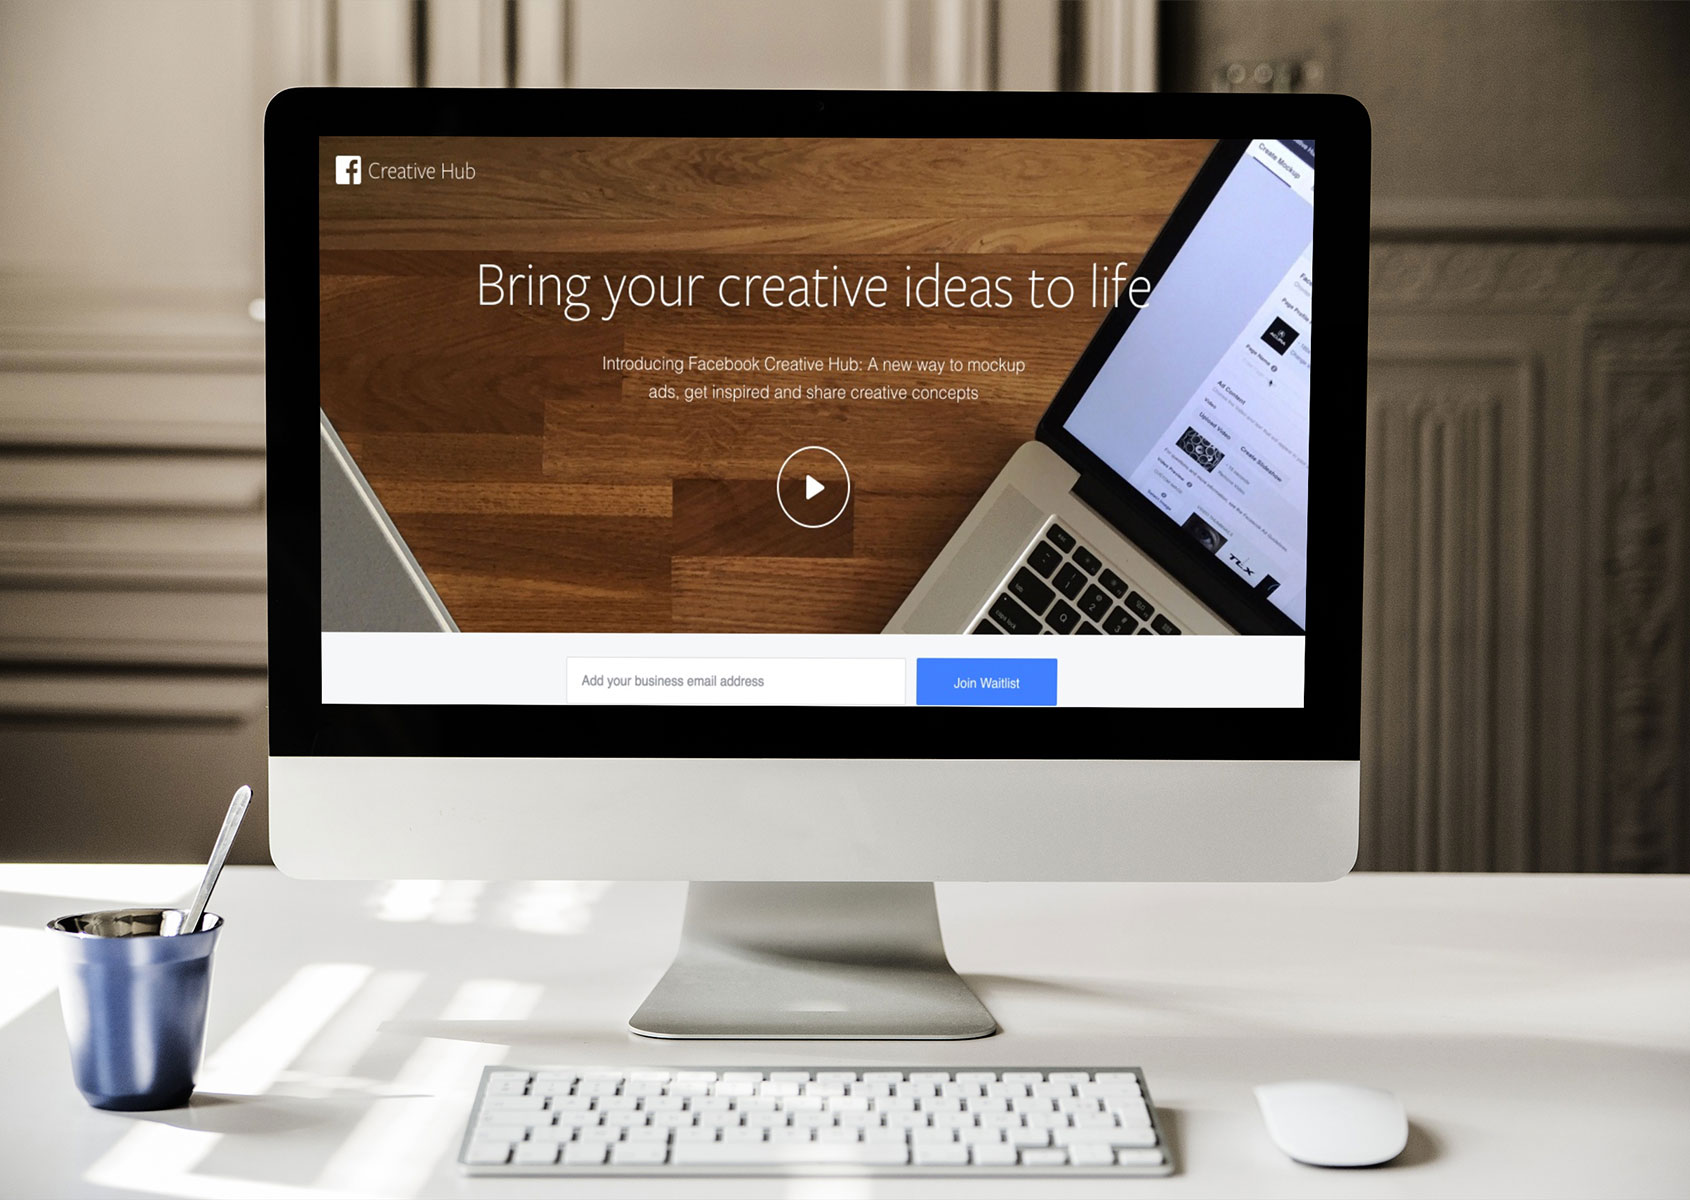 Creative Hub di Facebook: un nuovo modo per creare mockup, sperimentare e rimanere ispirati